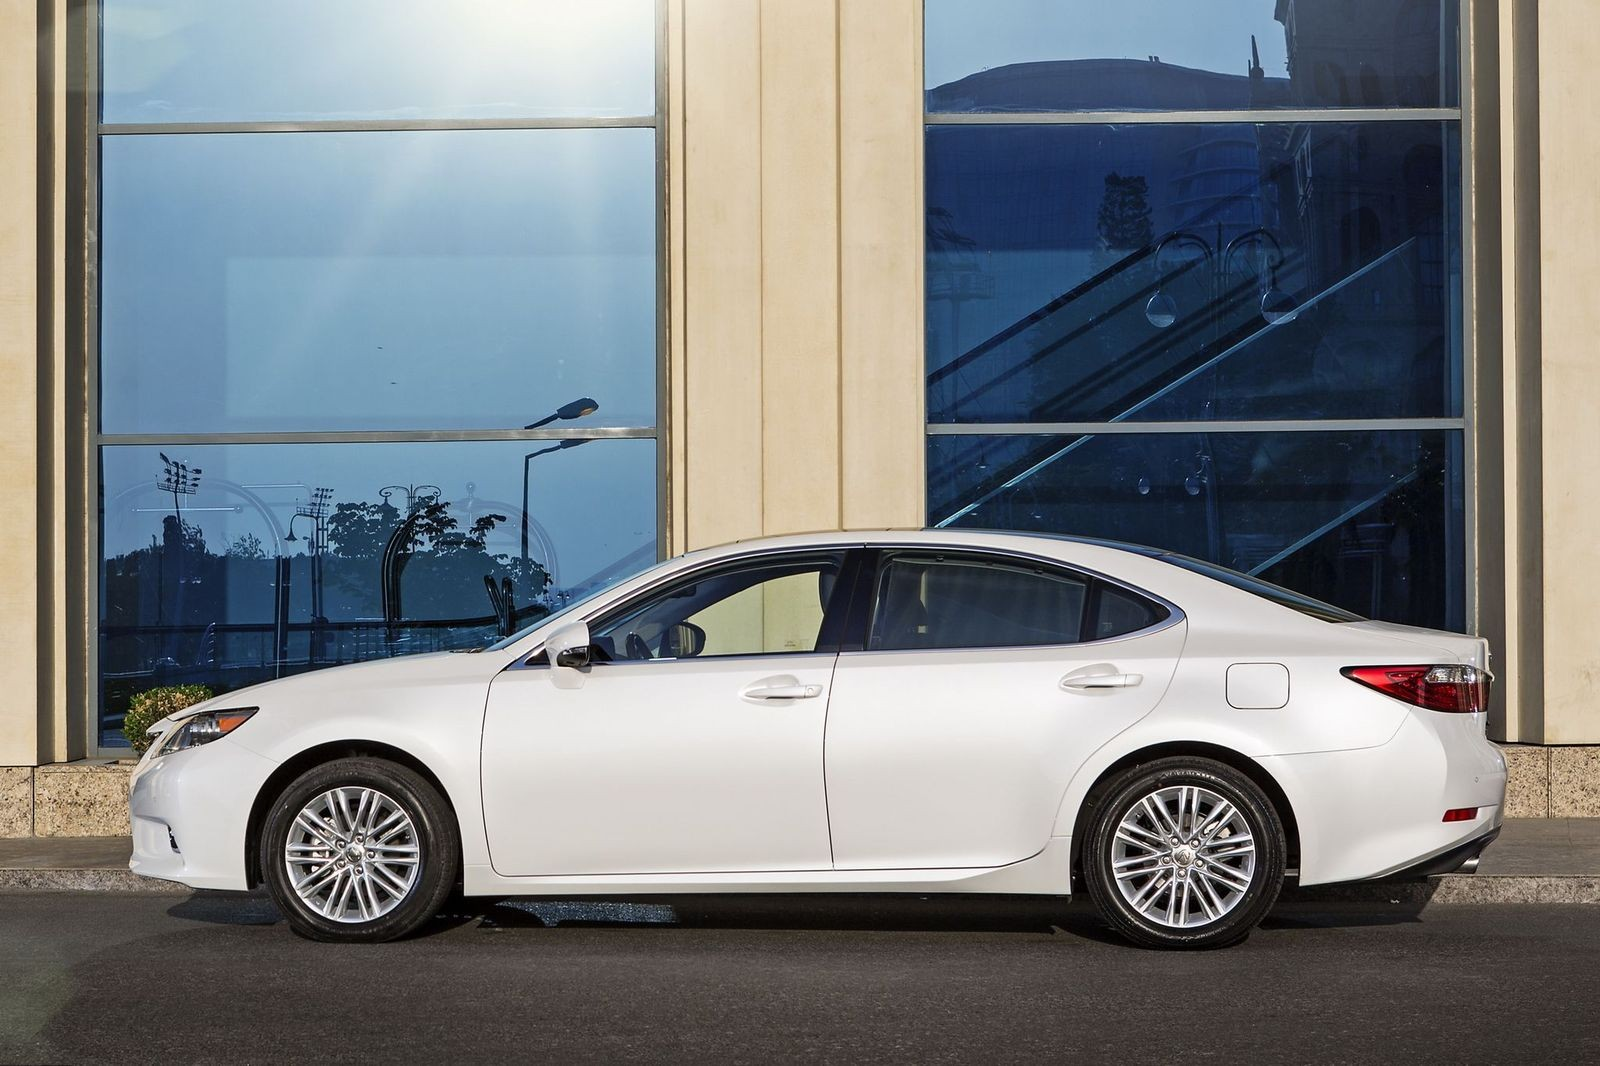 Дорого купить, дешево содержать: стоит ли покупать Lexus ES VI за 1,7 миллиона рублей